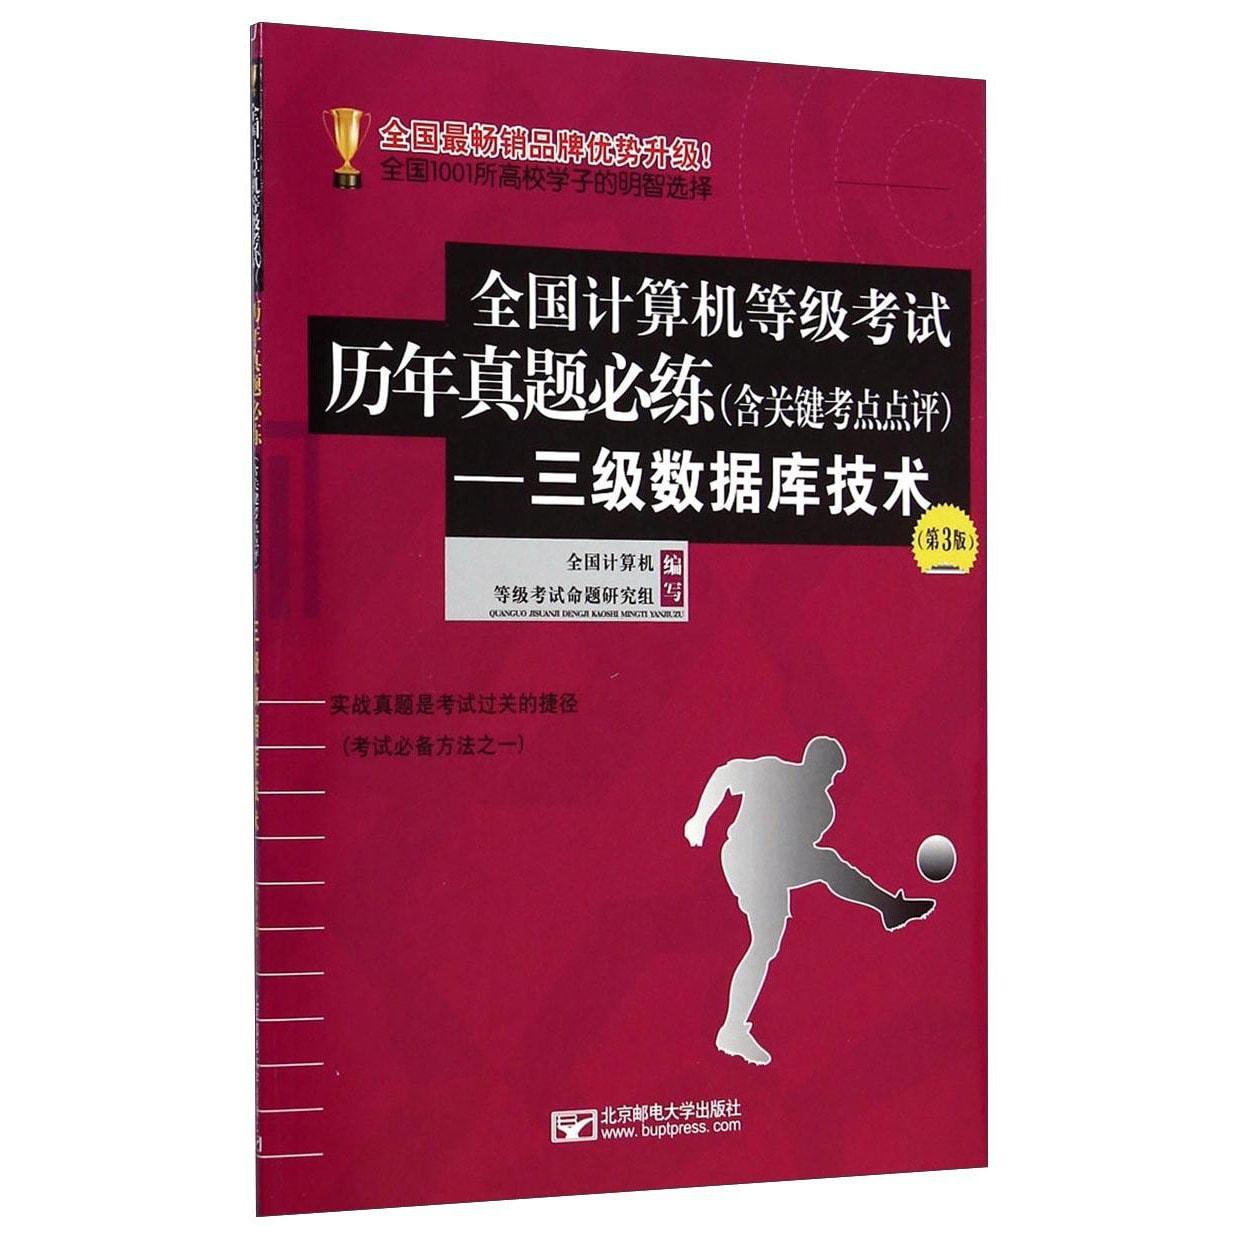 全国计算机等级考试历年真题必练(含关键考点点评):三级数据库技术(第3版) 怎么样 - 亚米网